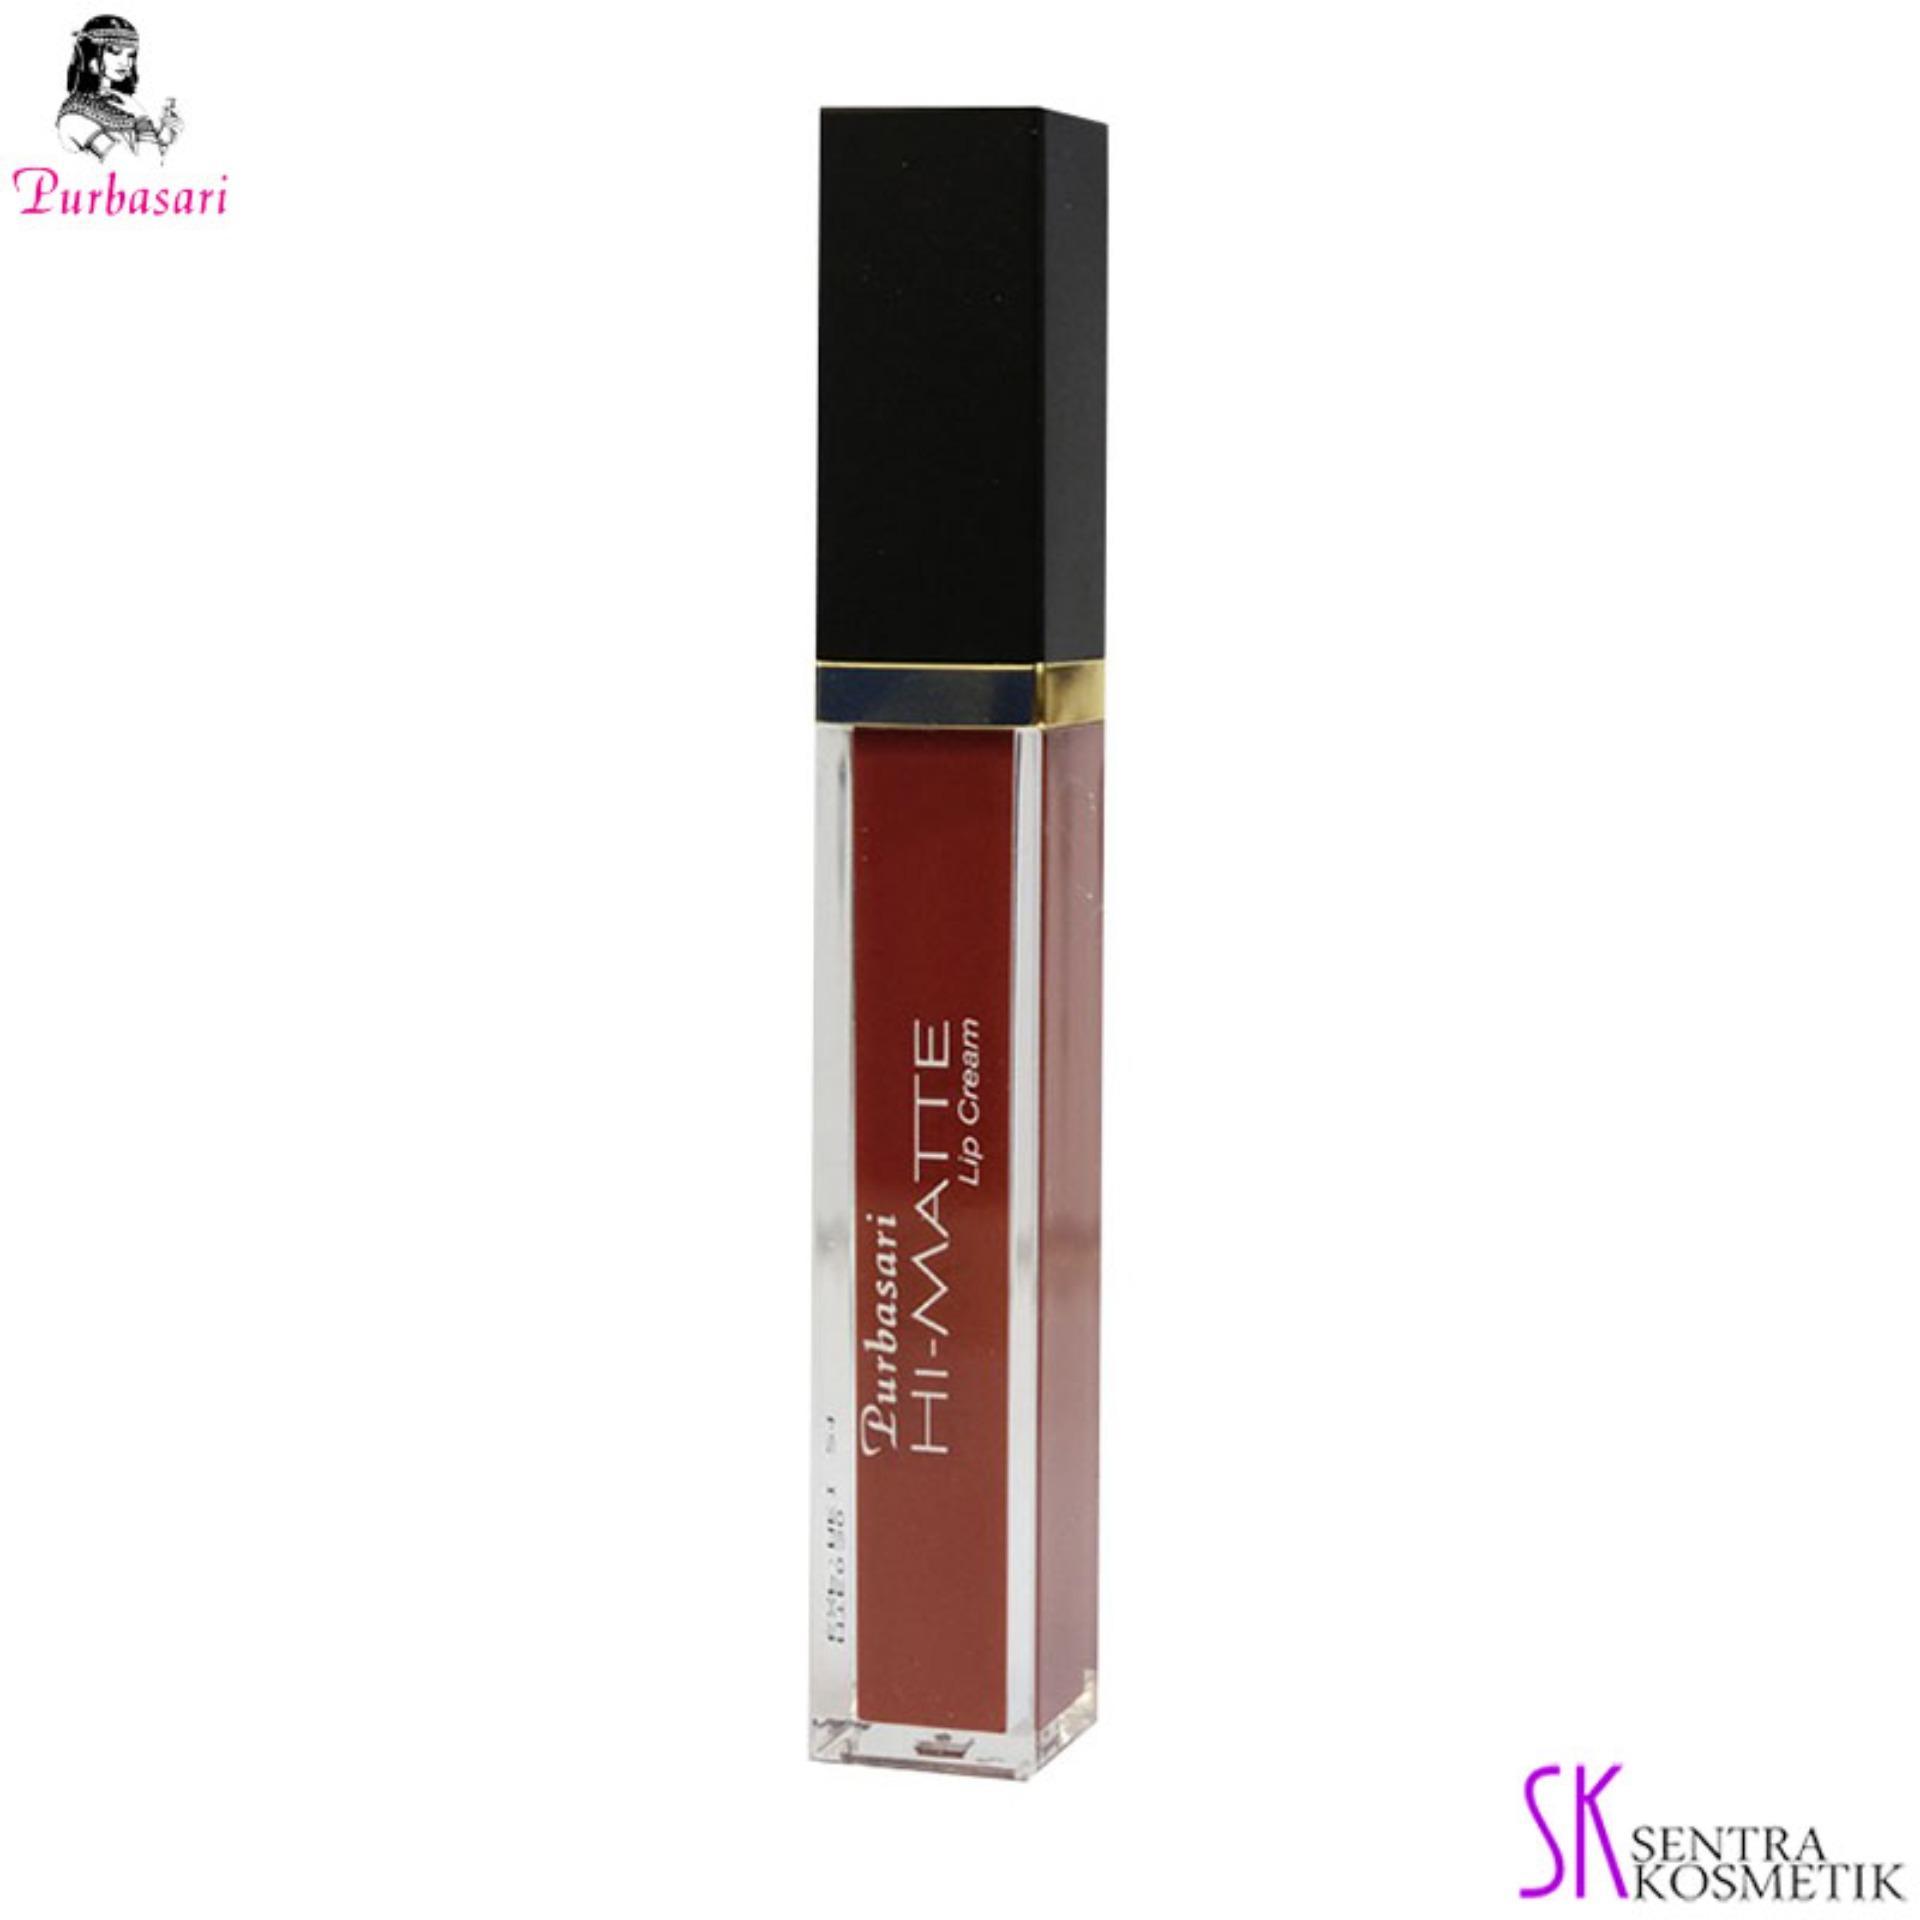 PURBASARI Hi-Matte Lip Cream - 10 AYANNA